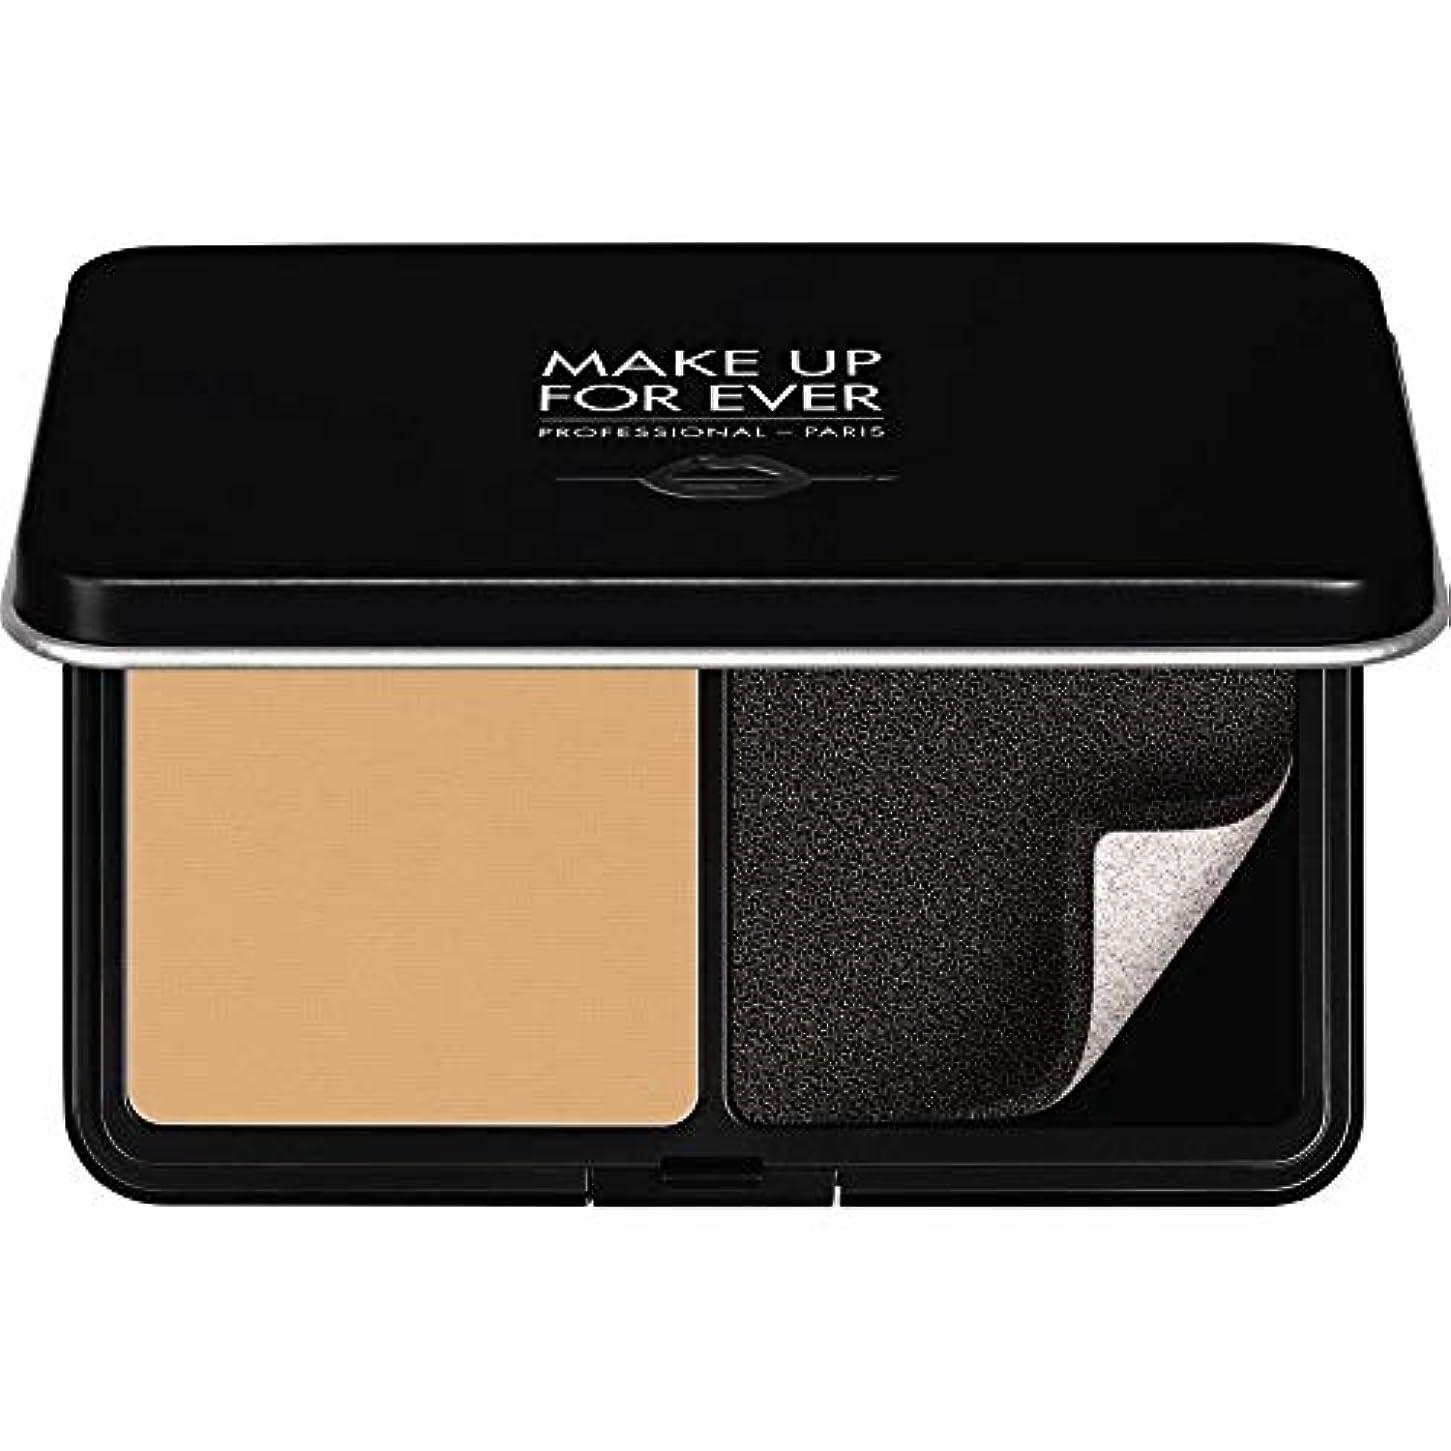 展示会衝動舗装[MAKE UP FOR EVER ] 柔らかい砂 - パウダーファンデーション11GののY245をぼかし、これまでマットベルベットの肌を補います - MAKE UP FOR EVER Matte Velvet Skin...